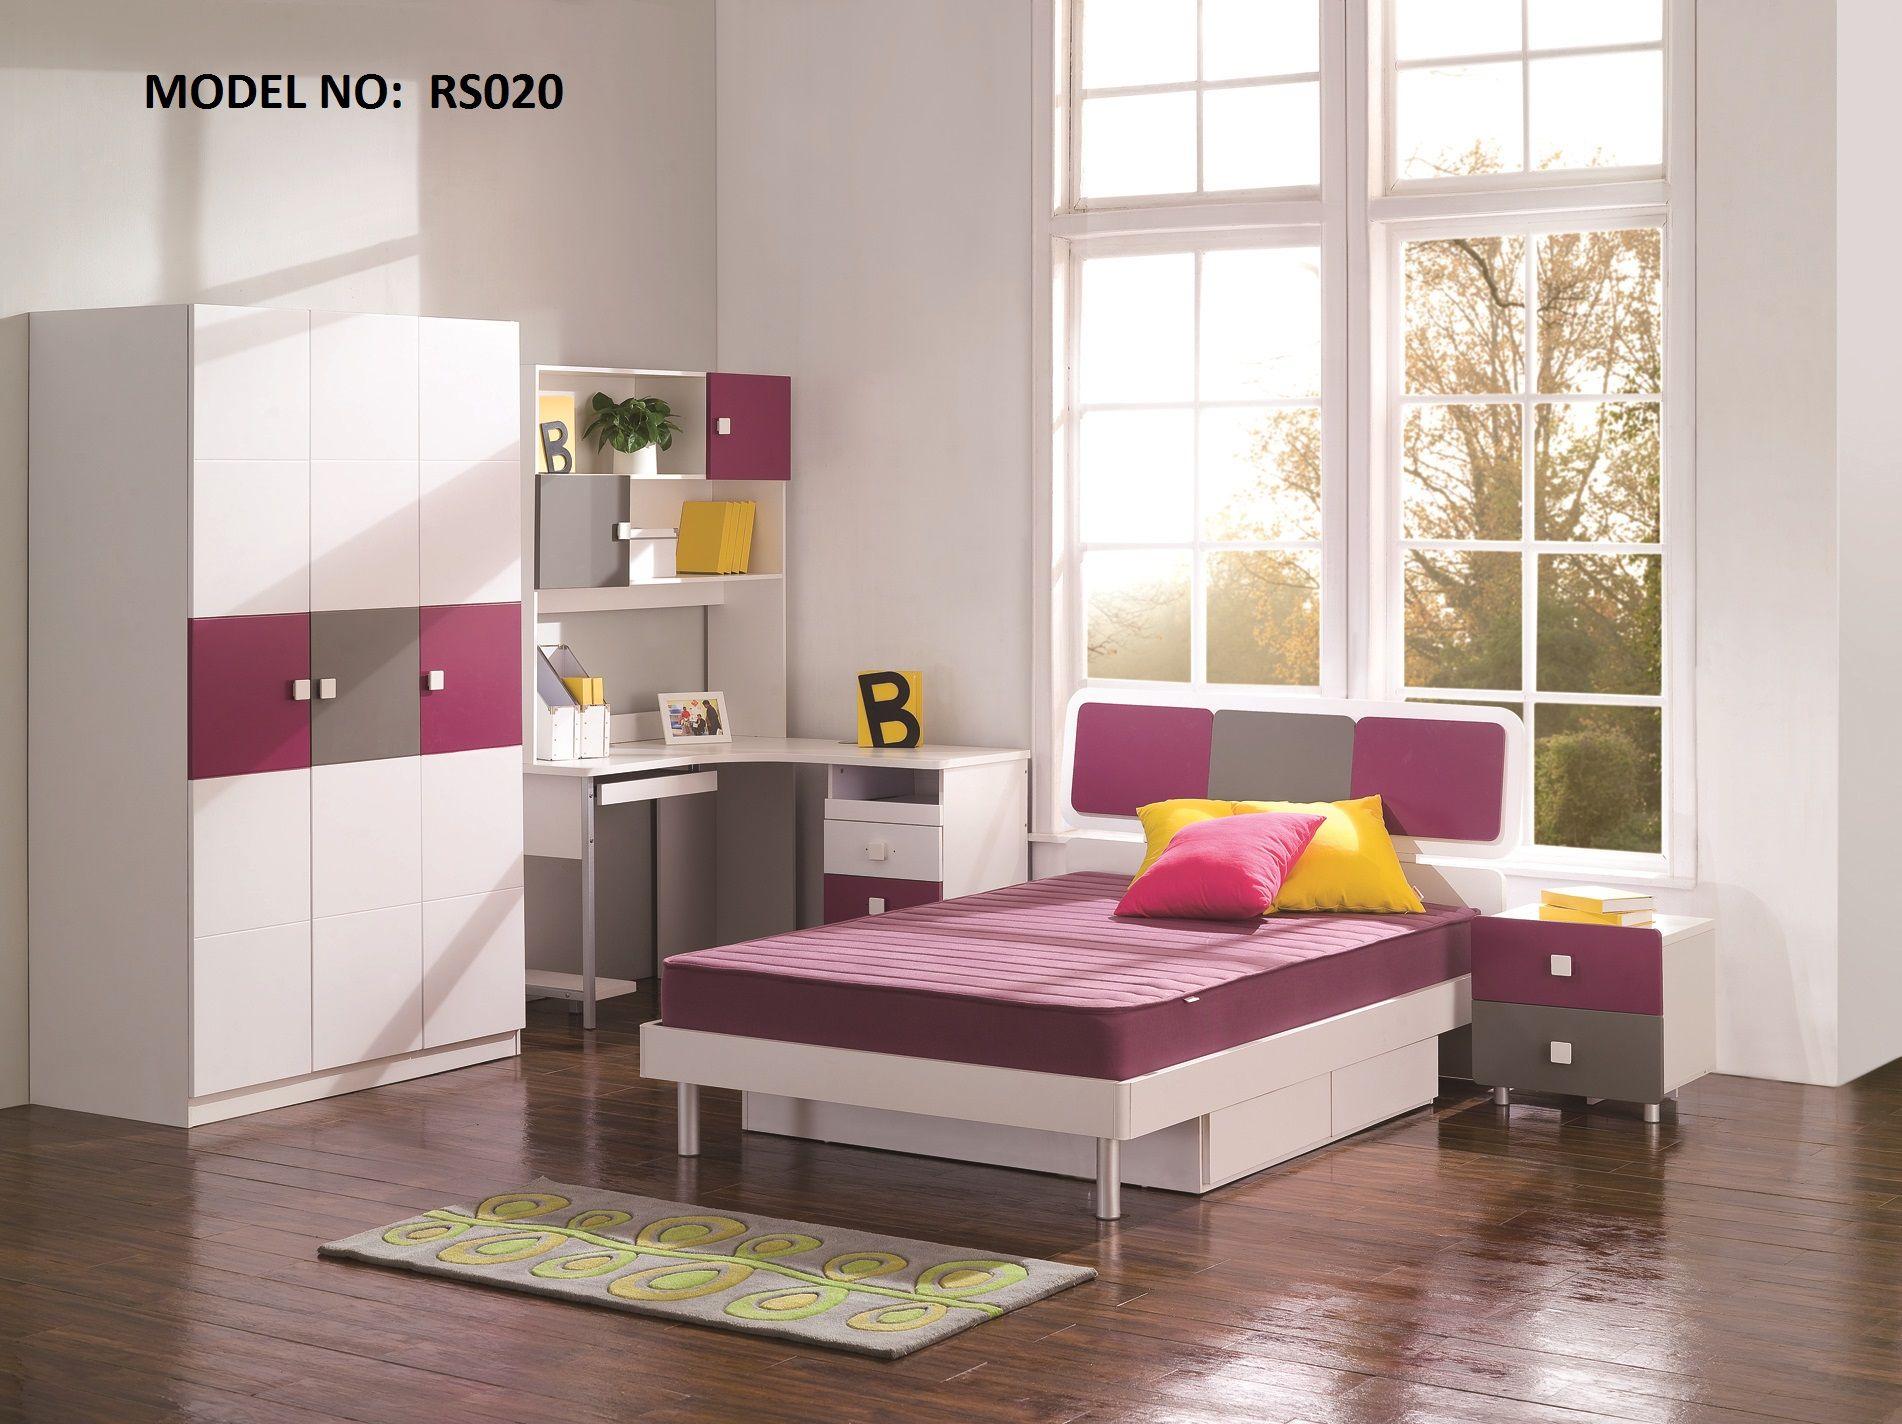 Schlafzimmer Sets Verkaufen Etagenbetten Für Verkauf